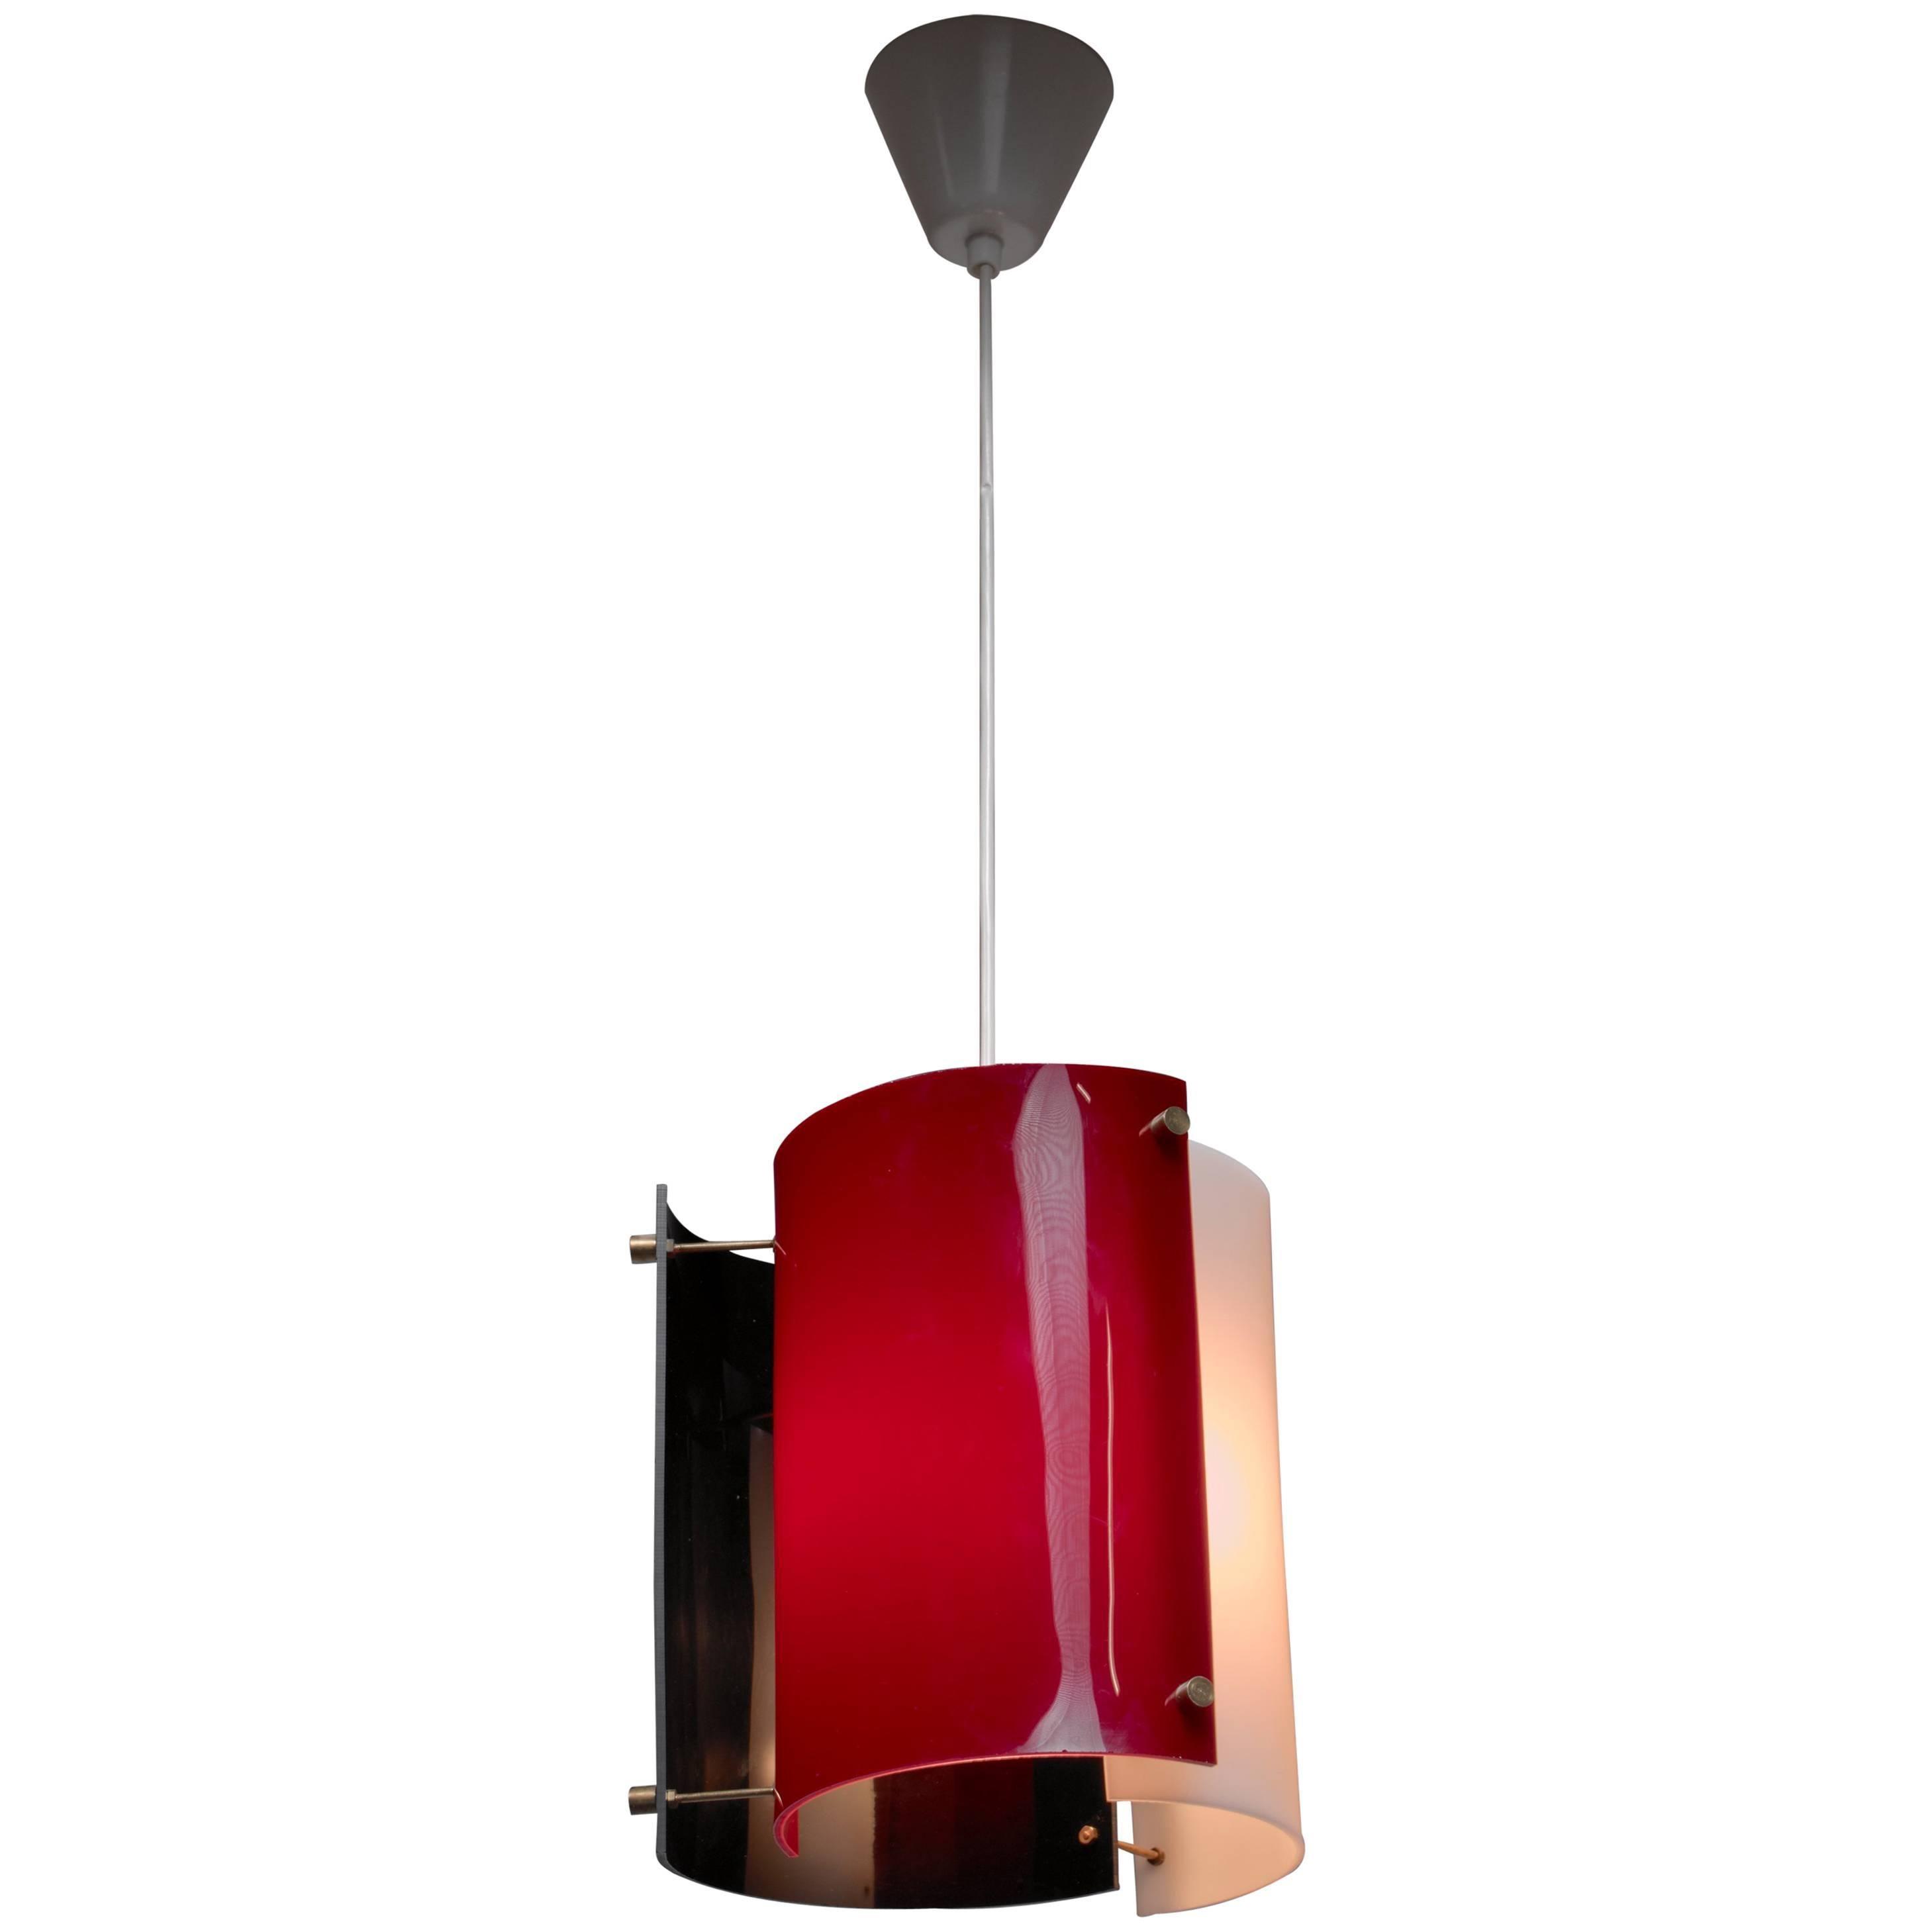 Yki Nummi Plexiglass Pendant Lamp for Orno, Finland, 1960s